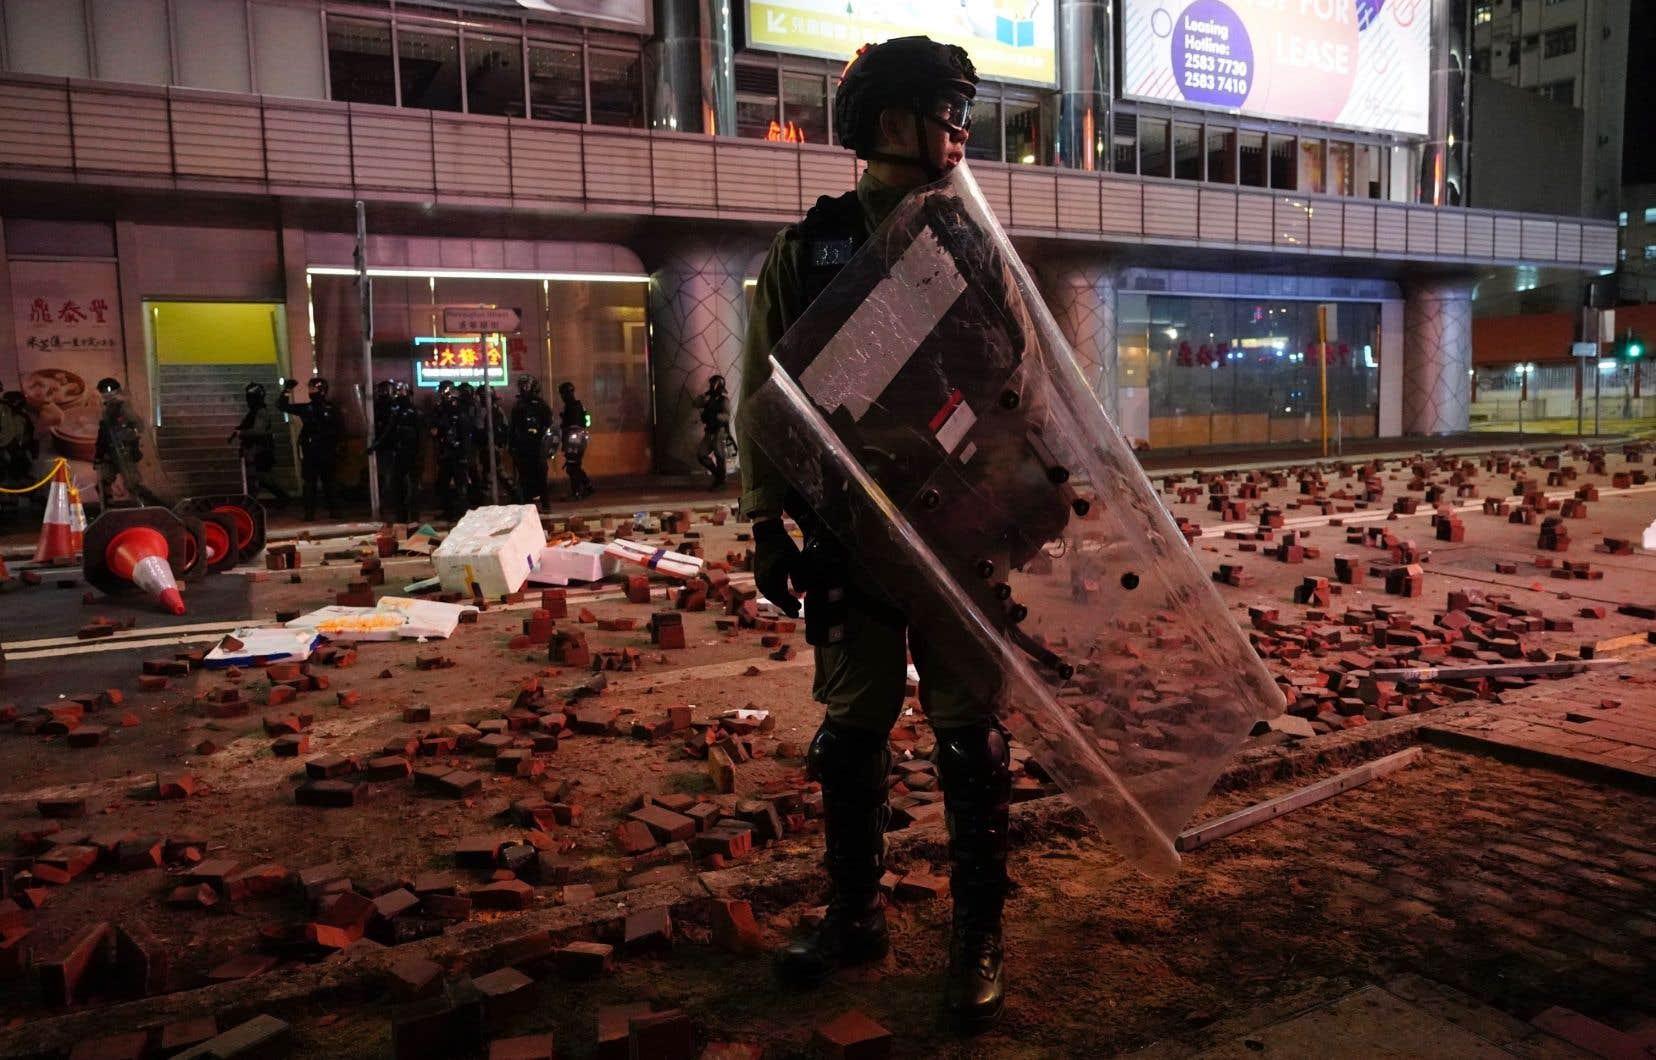 Hong Kongest secoué depuis juin par des manifestations, souvent violentes, de militants qui dénoncent l'ingérence jugée grandissante de Pékin dans ses affaires et exigent des réformes démocratiques.